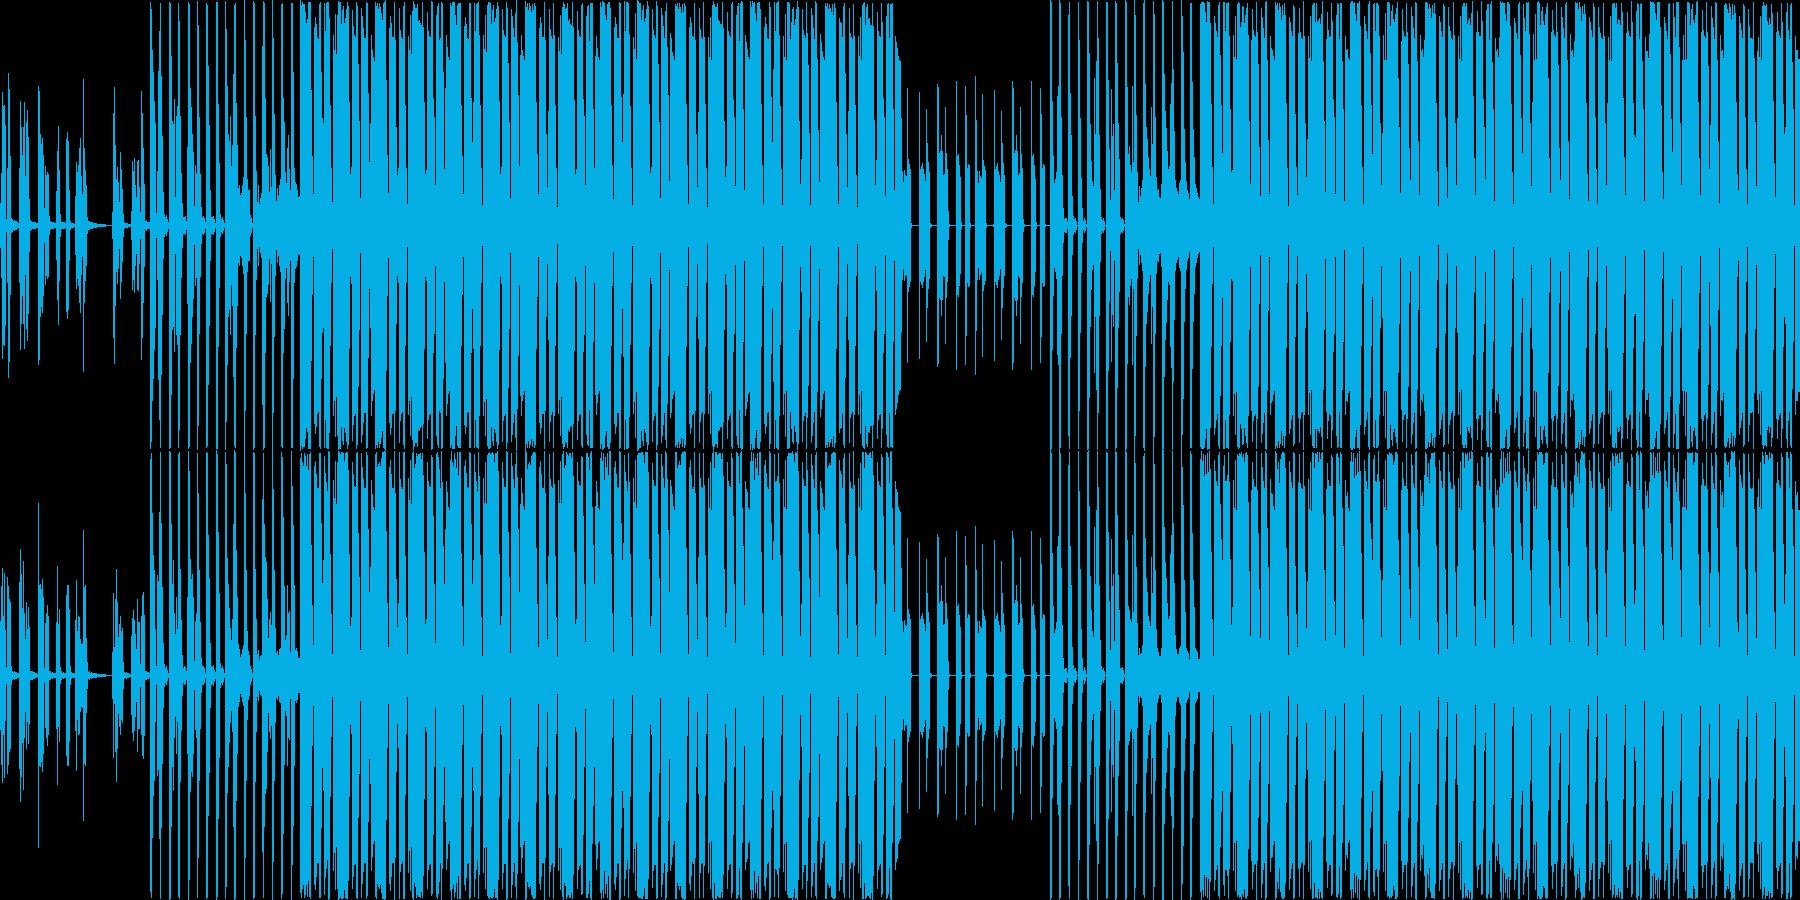 【わくわく/ウキウキなポップス】の再生済みの波形